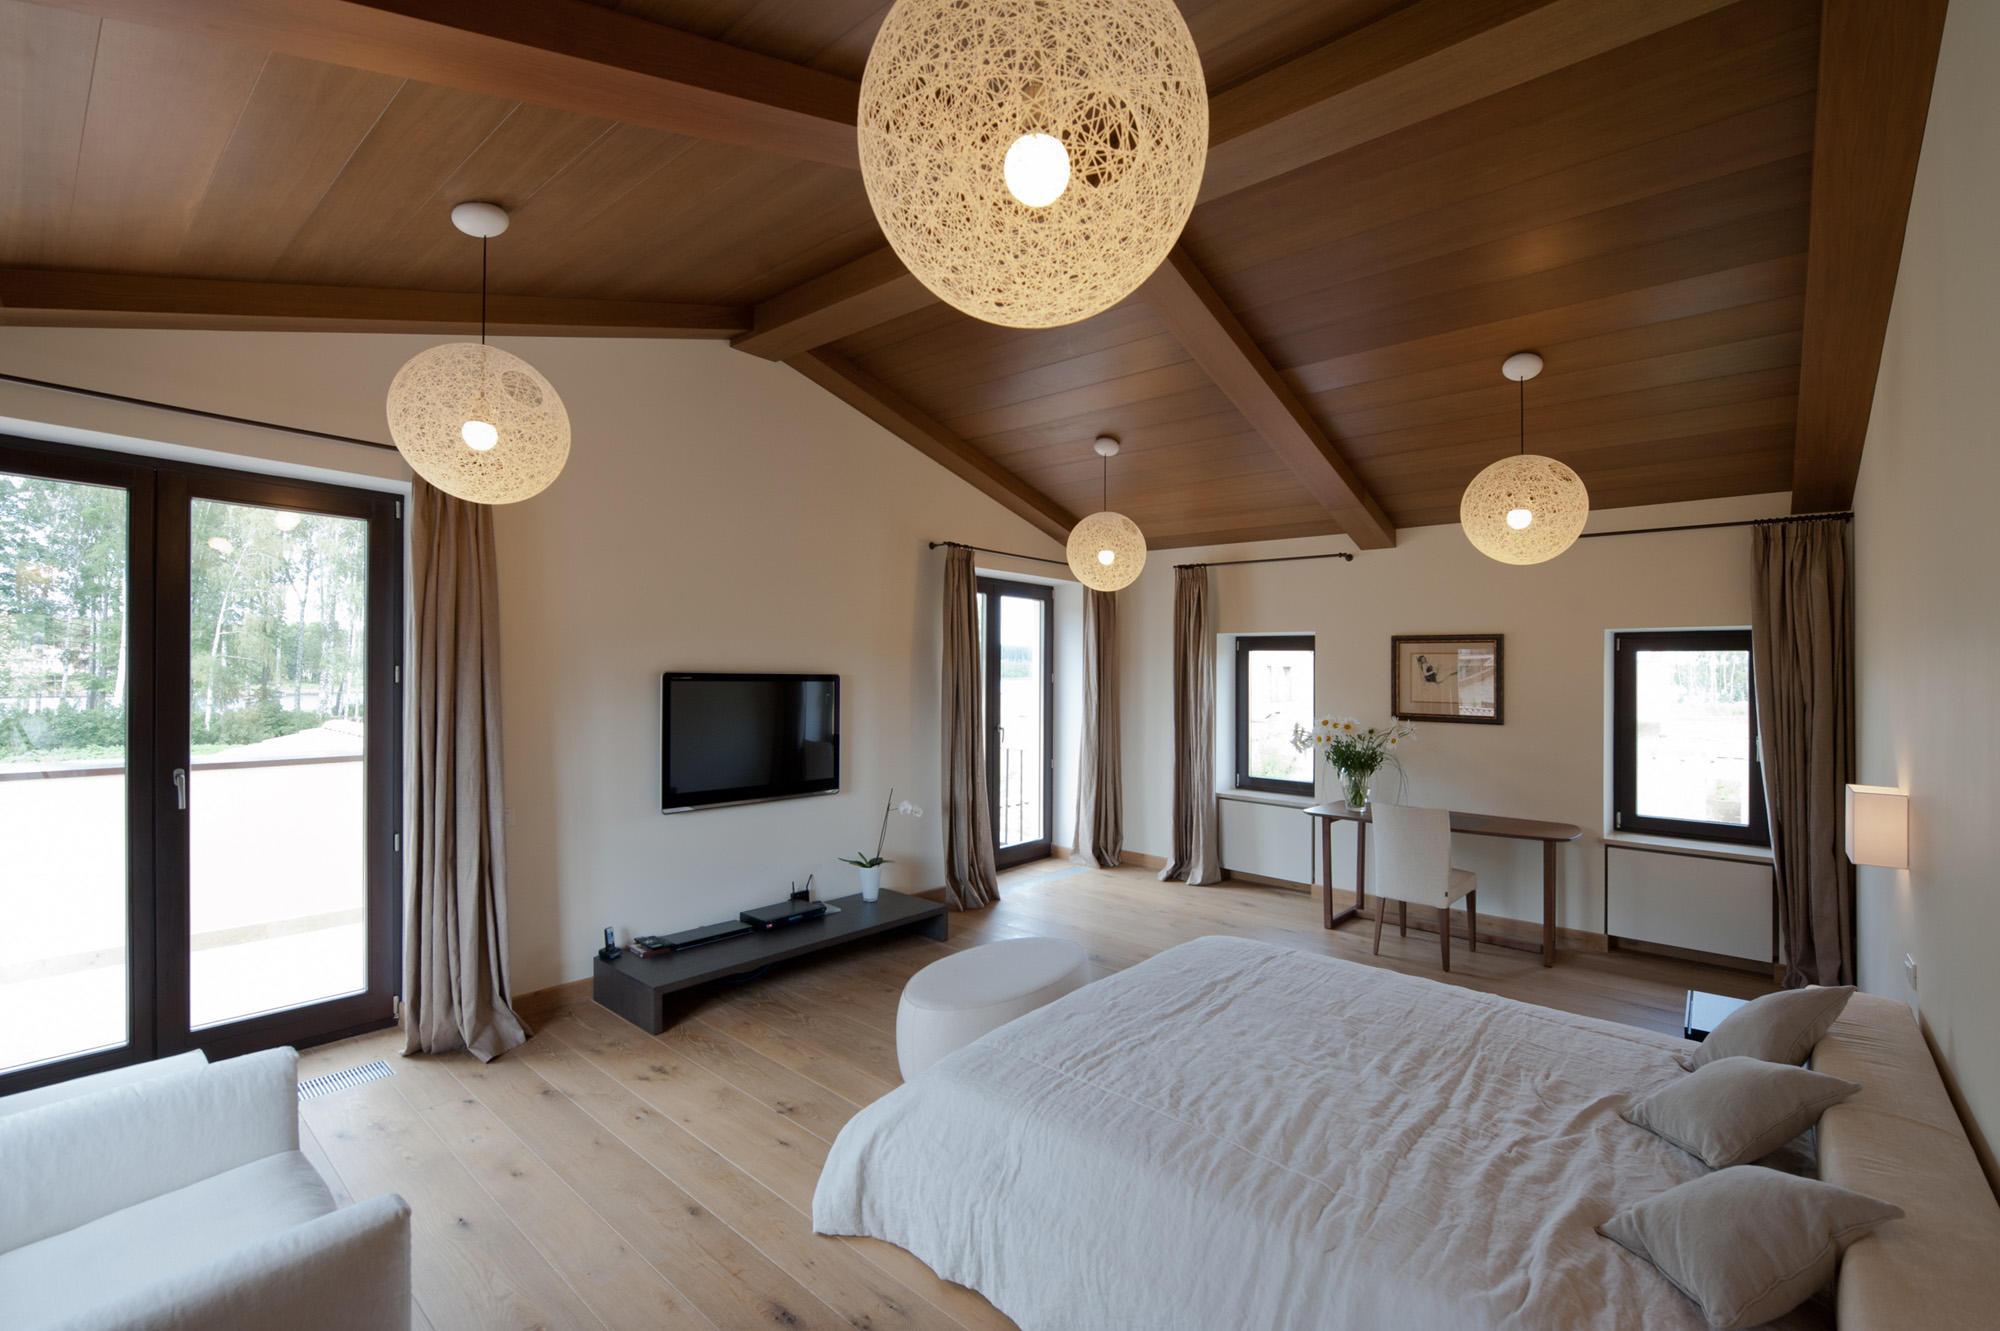 В частном доме спальня должна служить местом спокойствия